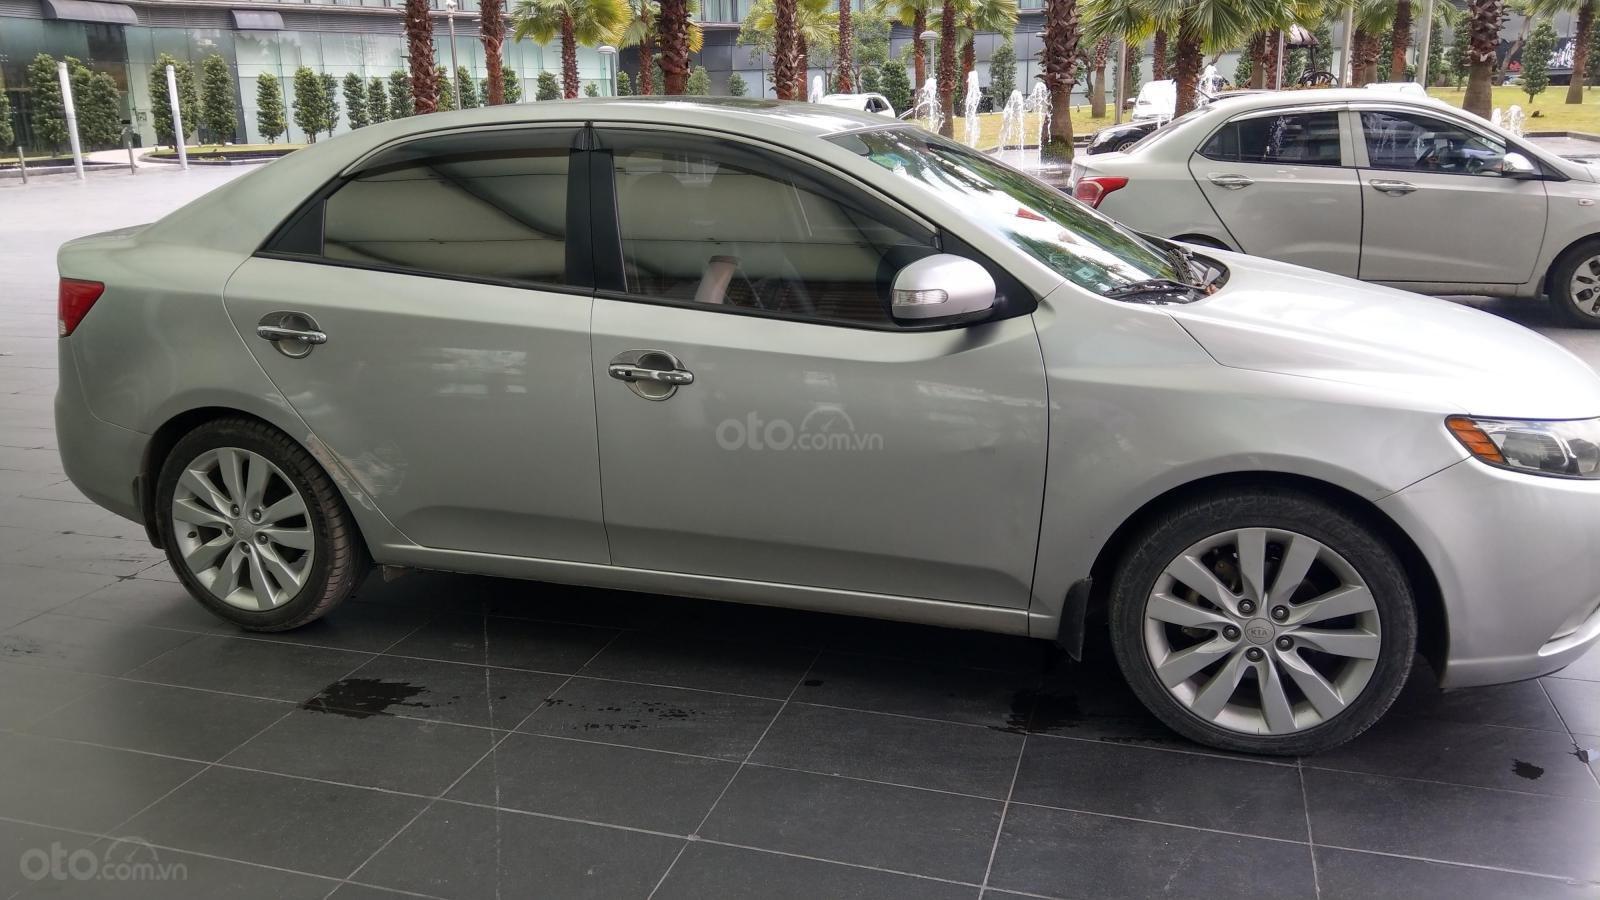 Cần bán xe Kia Forte SLI 1.6 AT năm 2009, màu bạc, nhập khẩu như mới  (1)